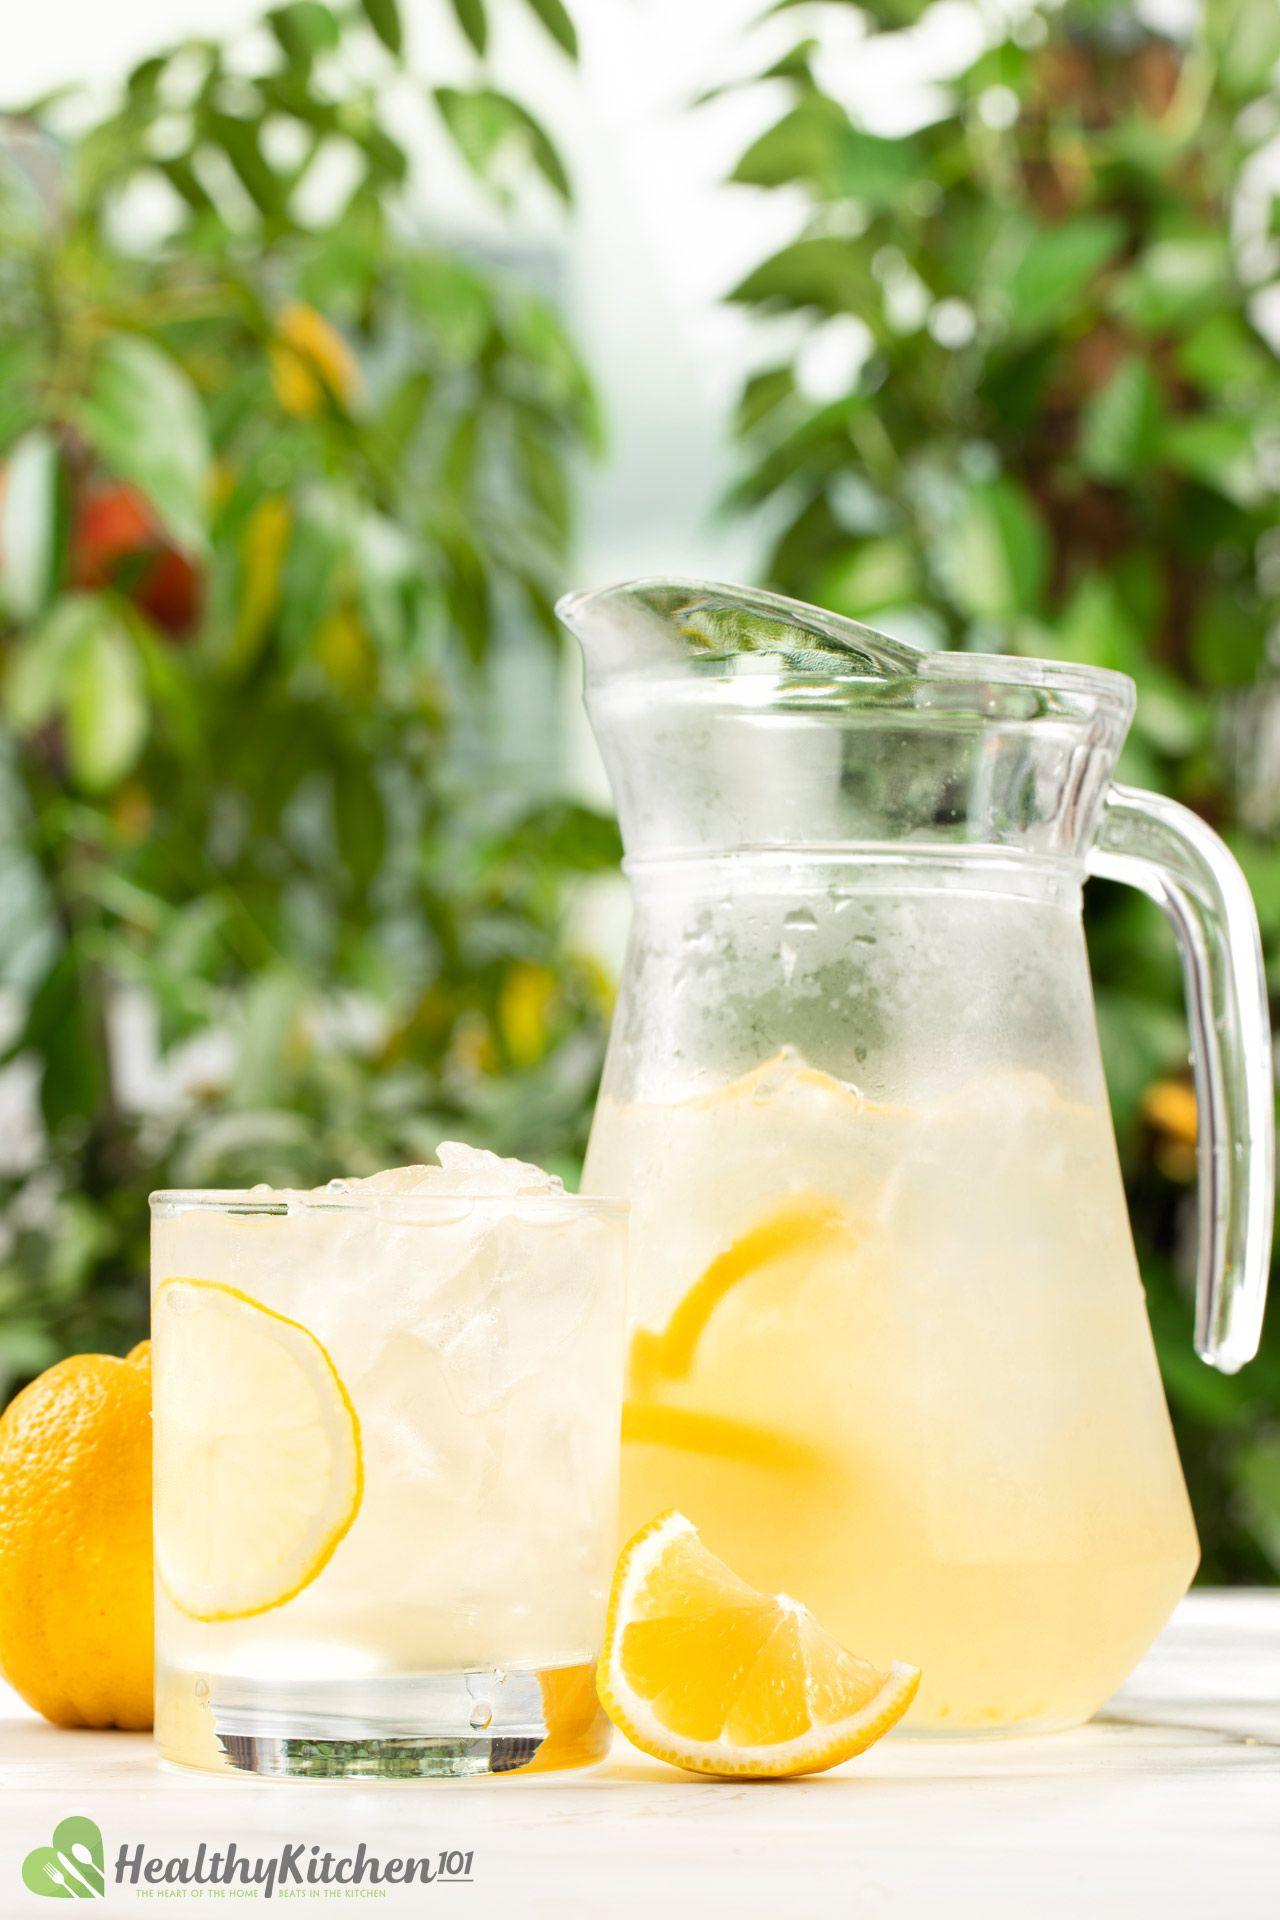 How to make homemade Lemonade Recipe